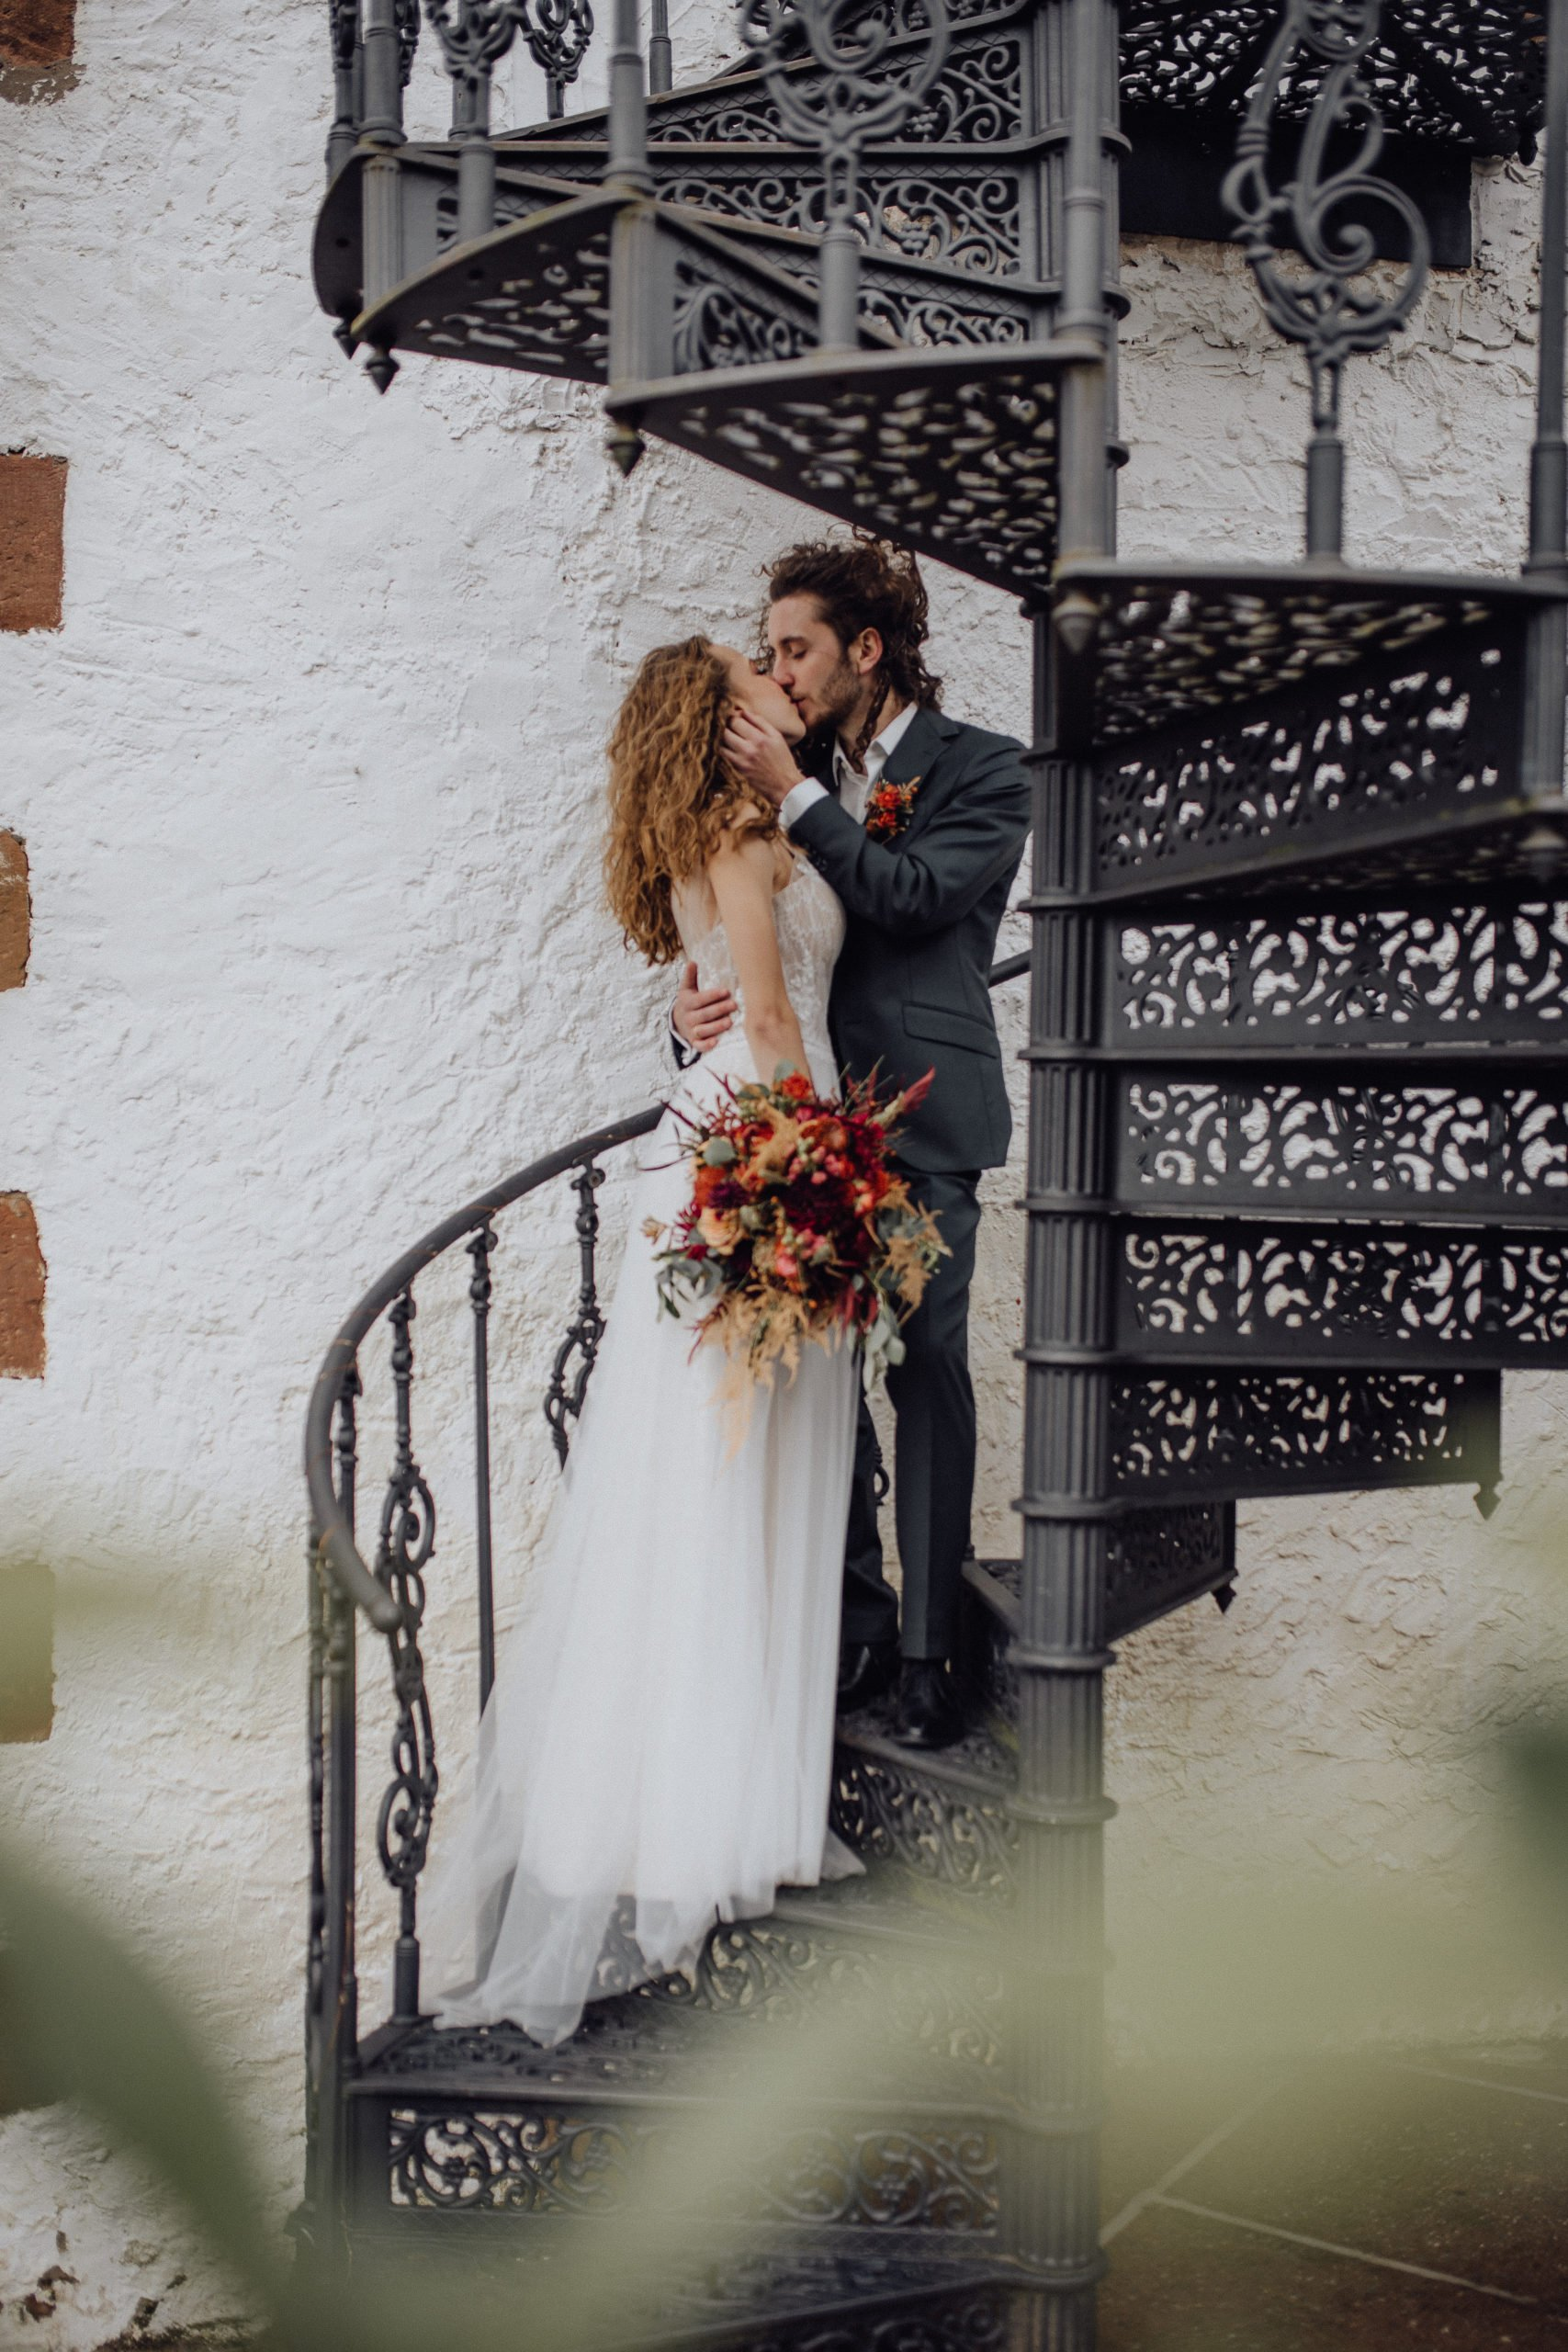 Braut und Bräutigam stehen auf einer Treppe und küssen sich